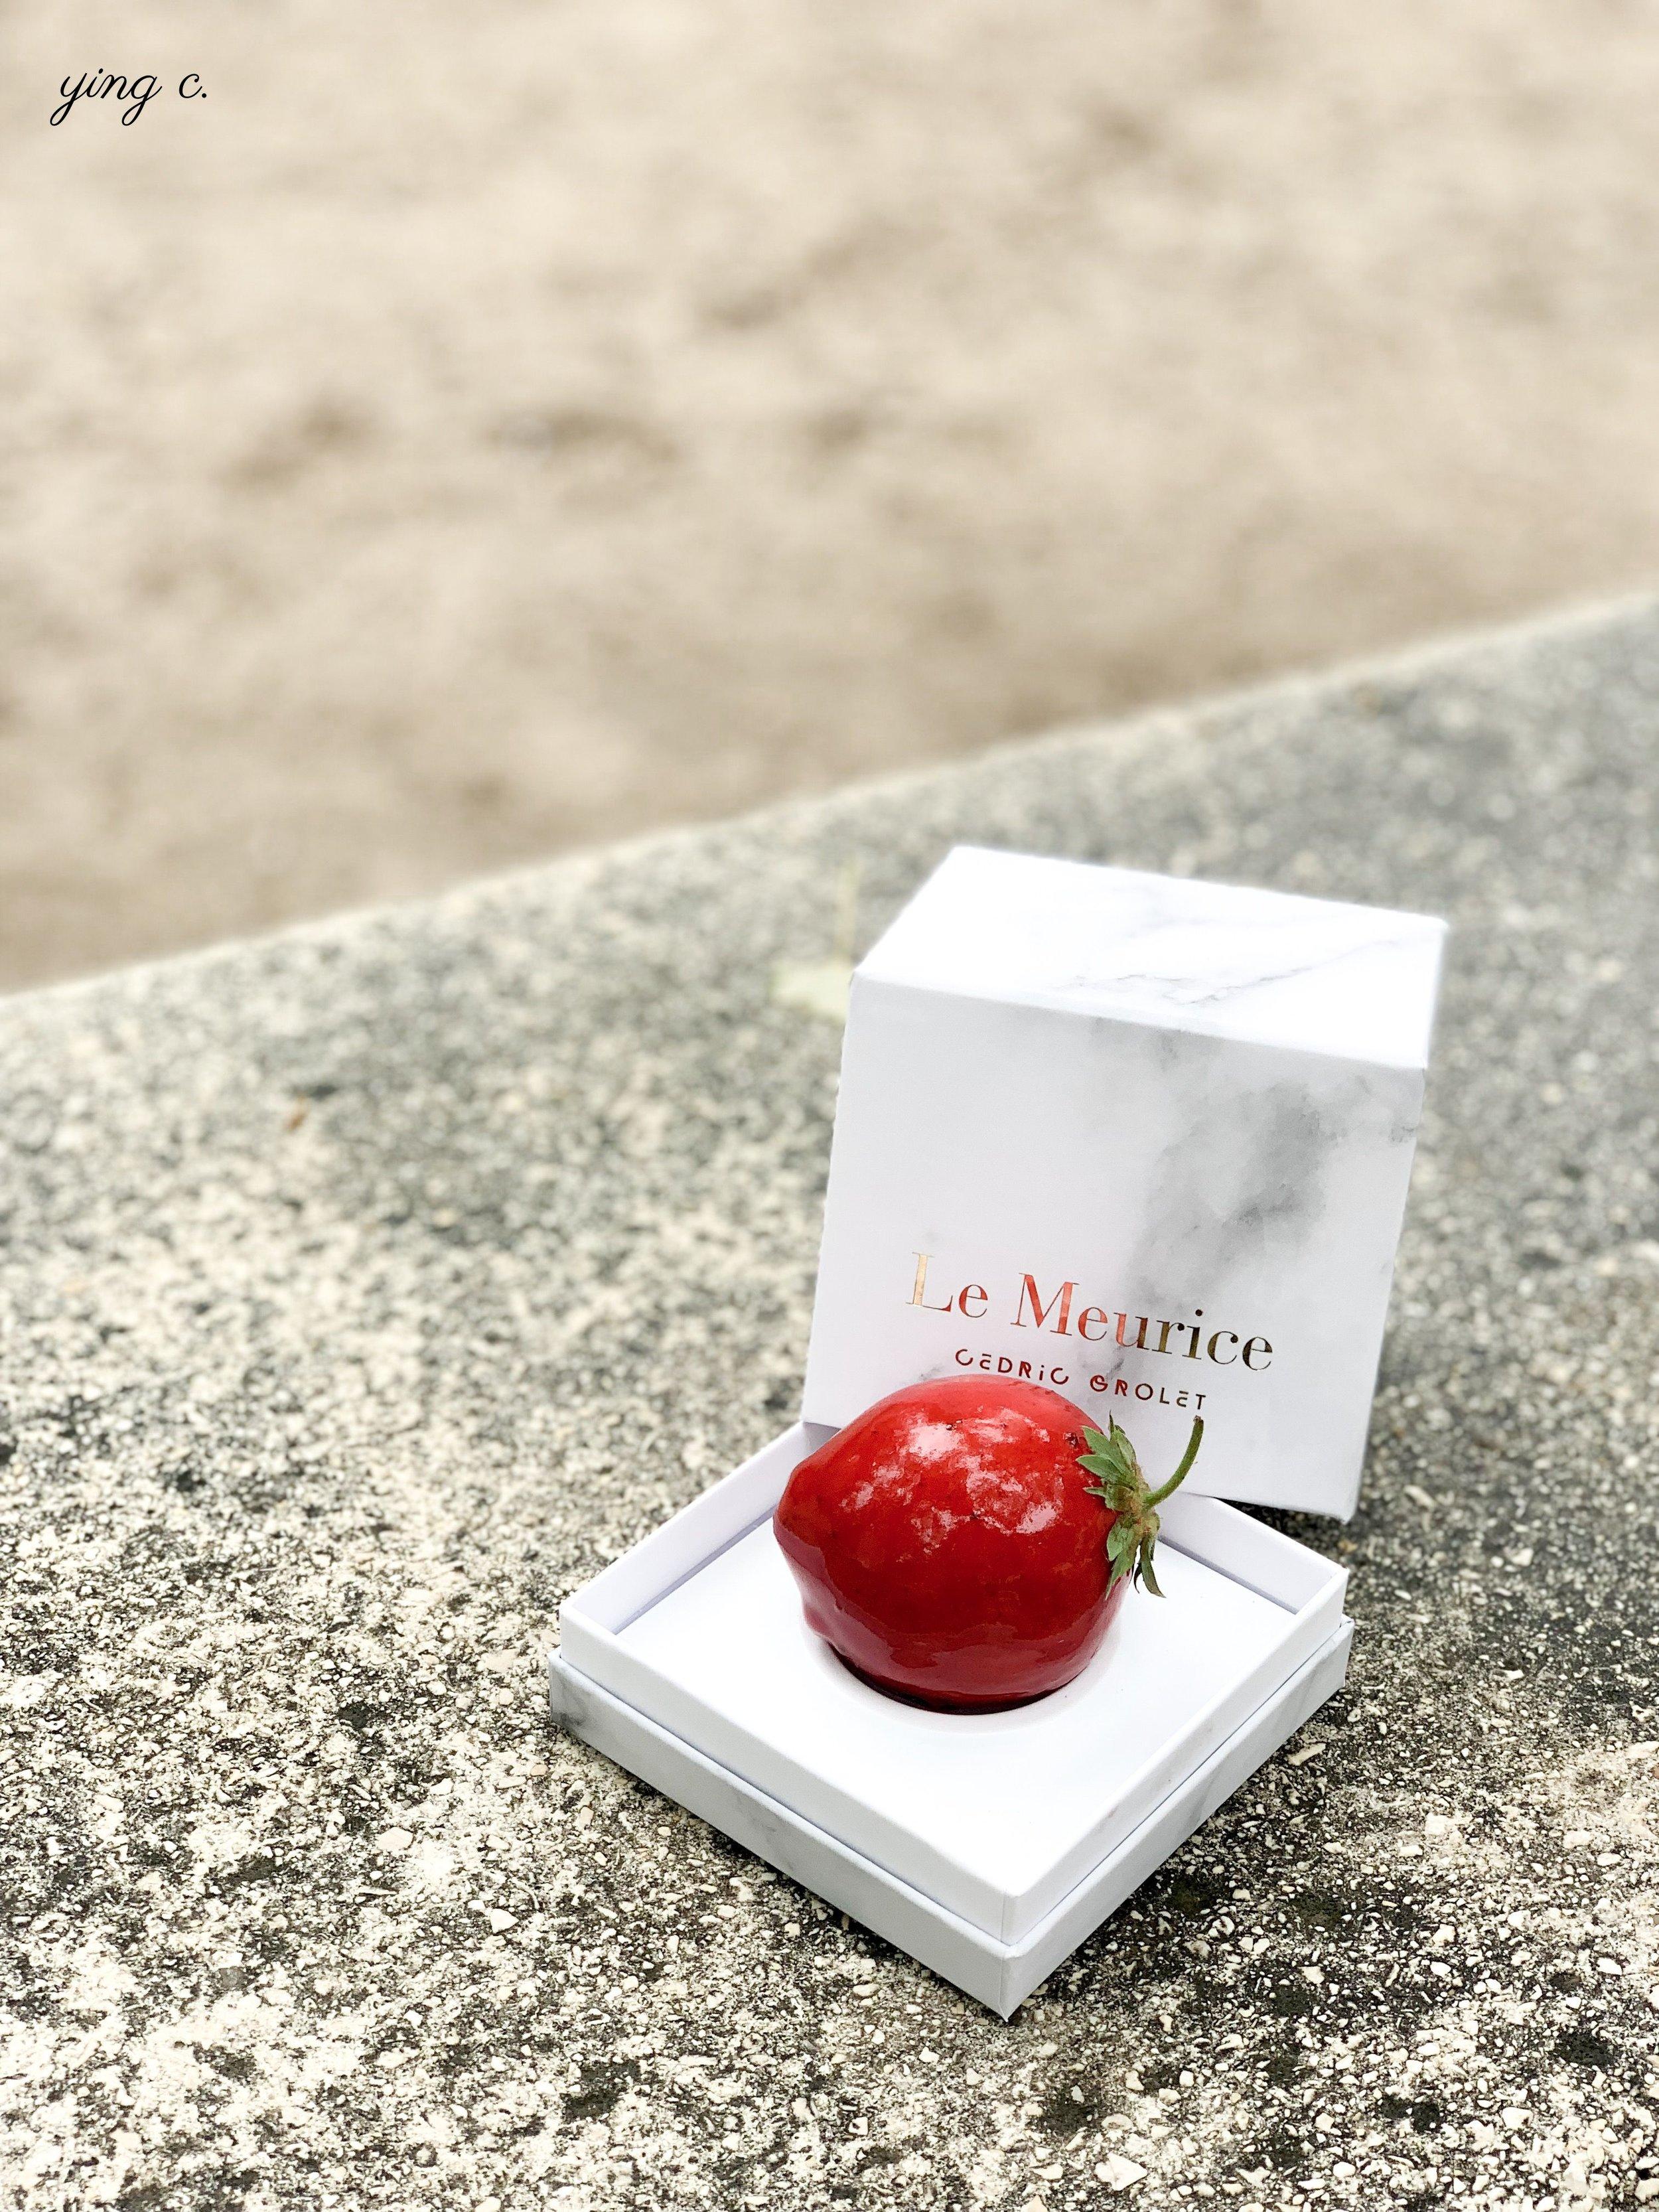 Cédric Grolet 主廚的水果雕塑在全球掀起旋風,到處都能看到類似或相同的作品。圖中為他的「草莓 2.0」(fraise 2.0 )水果雕塑。